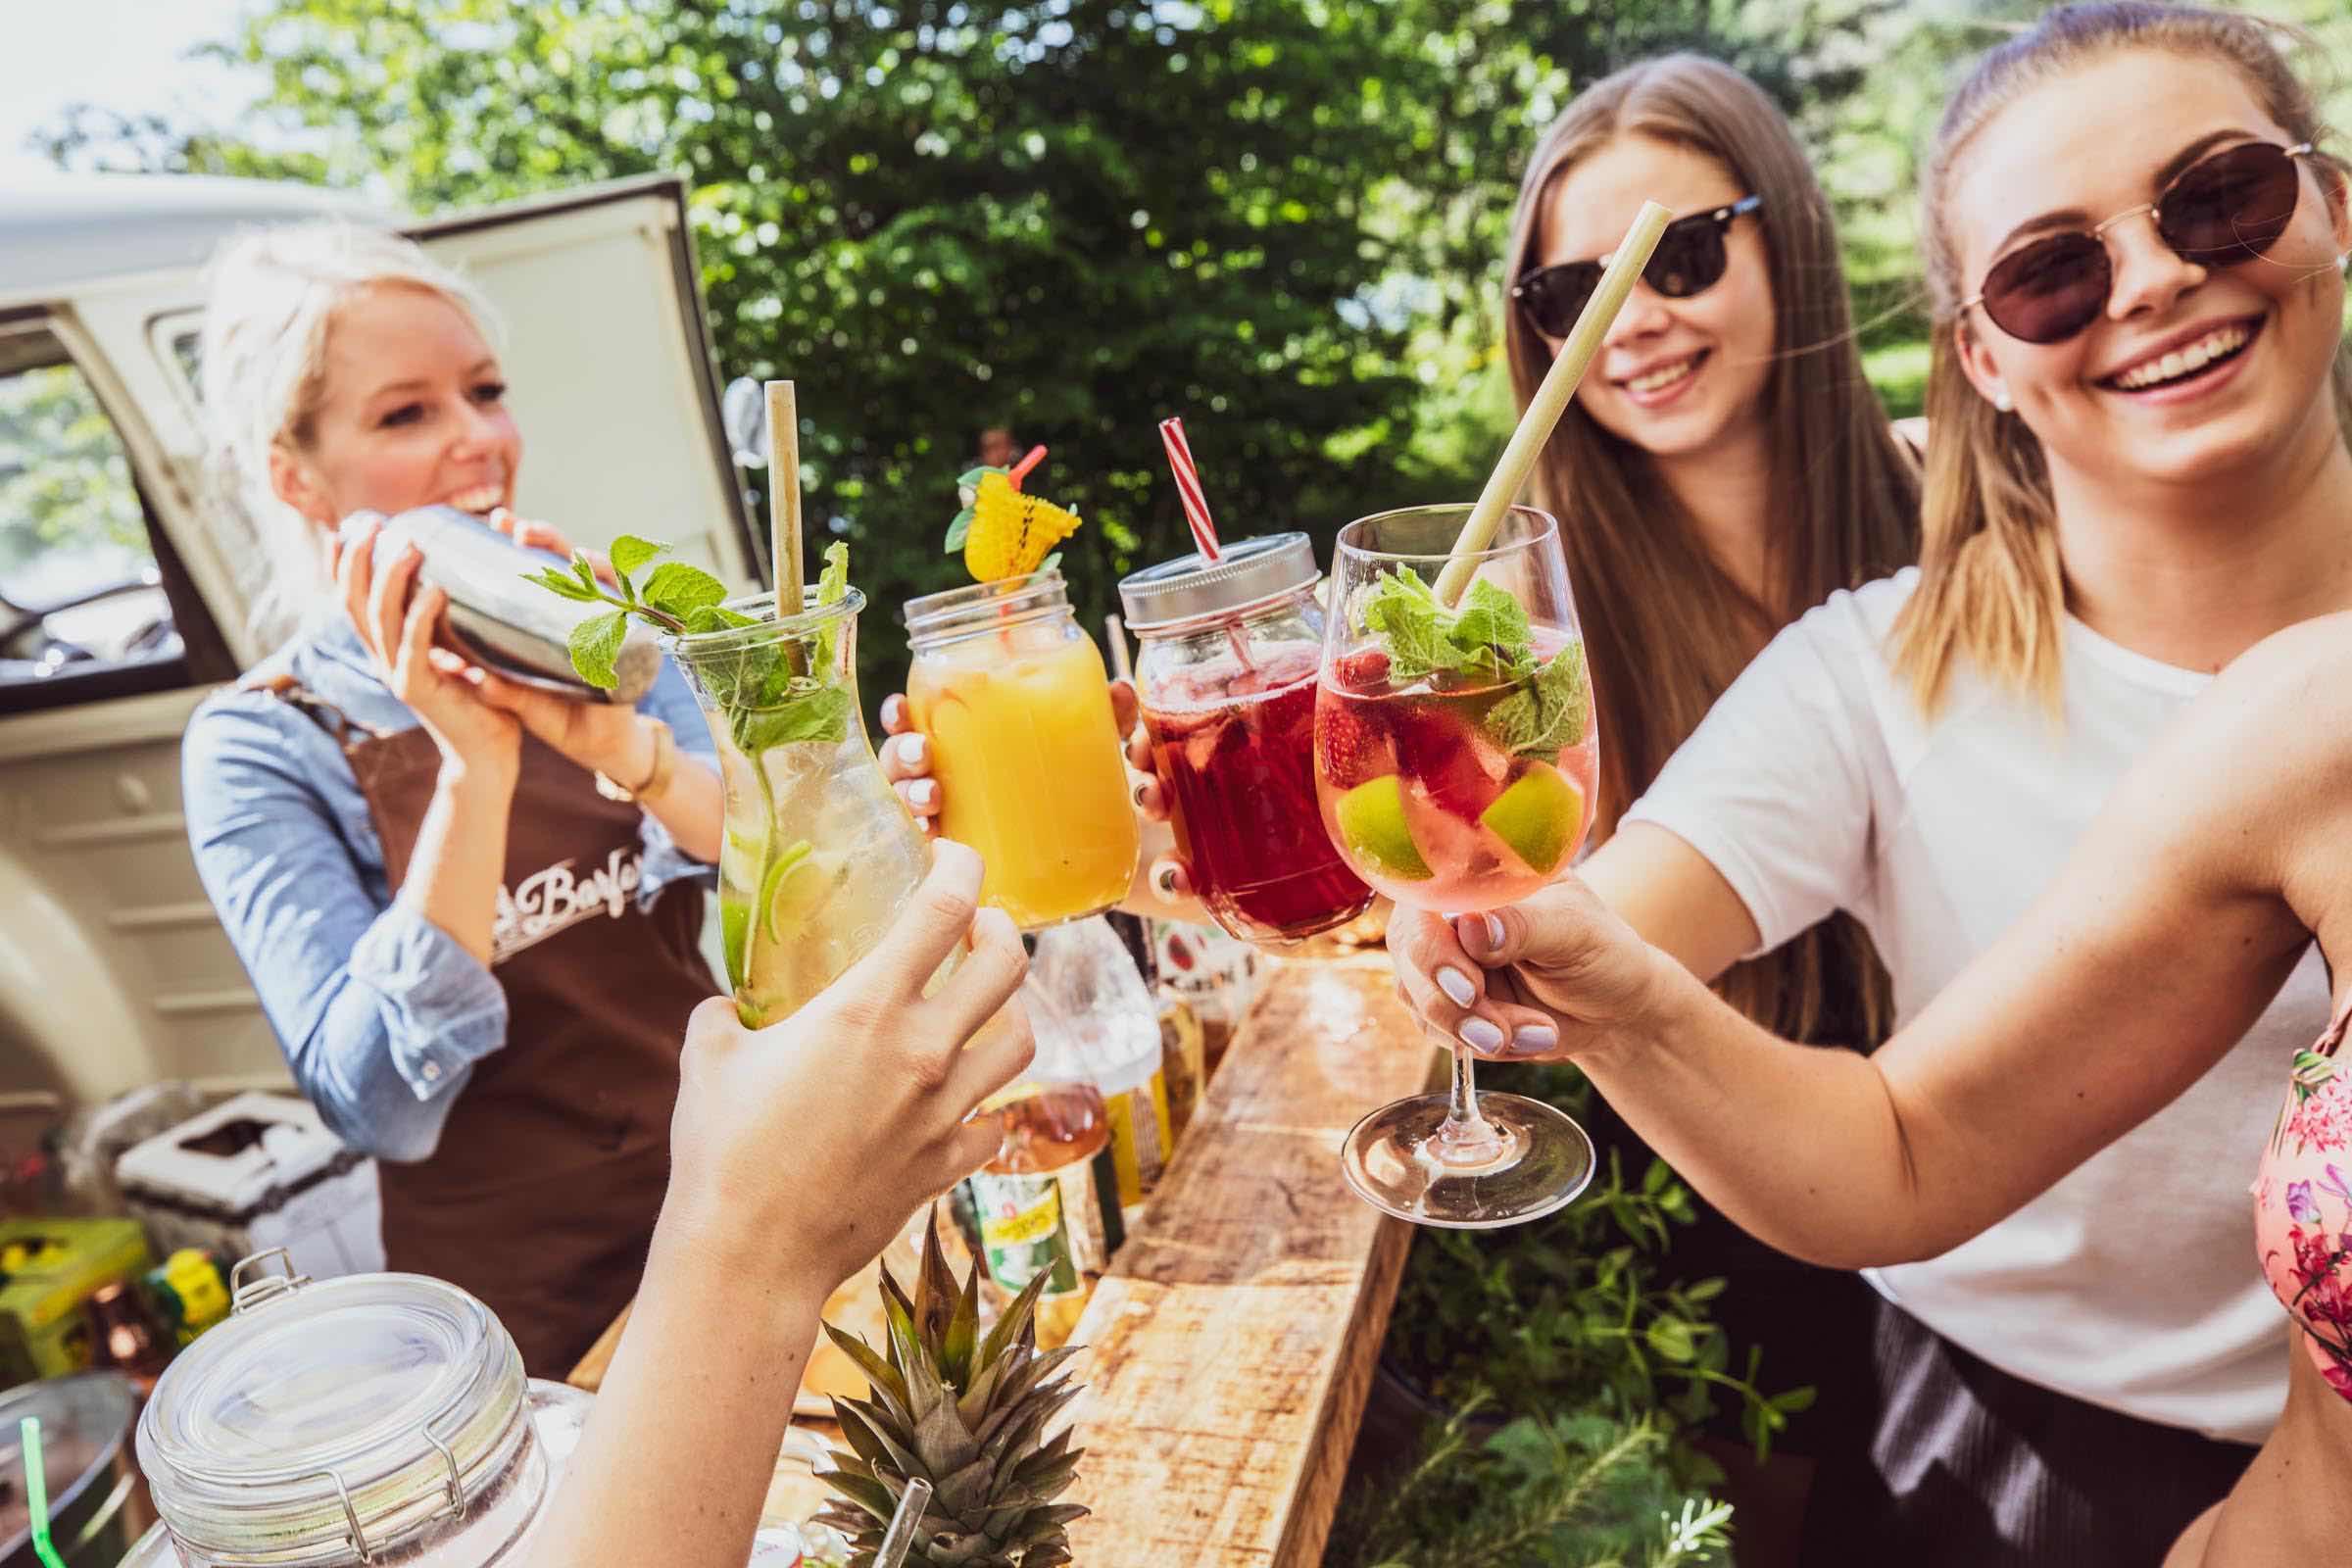 Mobile | Cocktailbar | Hamburg | Hochzeit | Sektempfang | Barkeeper | Mieten | Geburtstag | Ape | VW | Bar | Getränke | Catering | Foodtruck | Weinbar | Ginbar | Sektbar | Kaffeebar | Cocktails | Hamburgfeiert